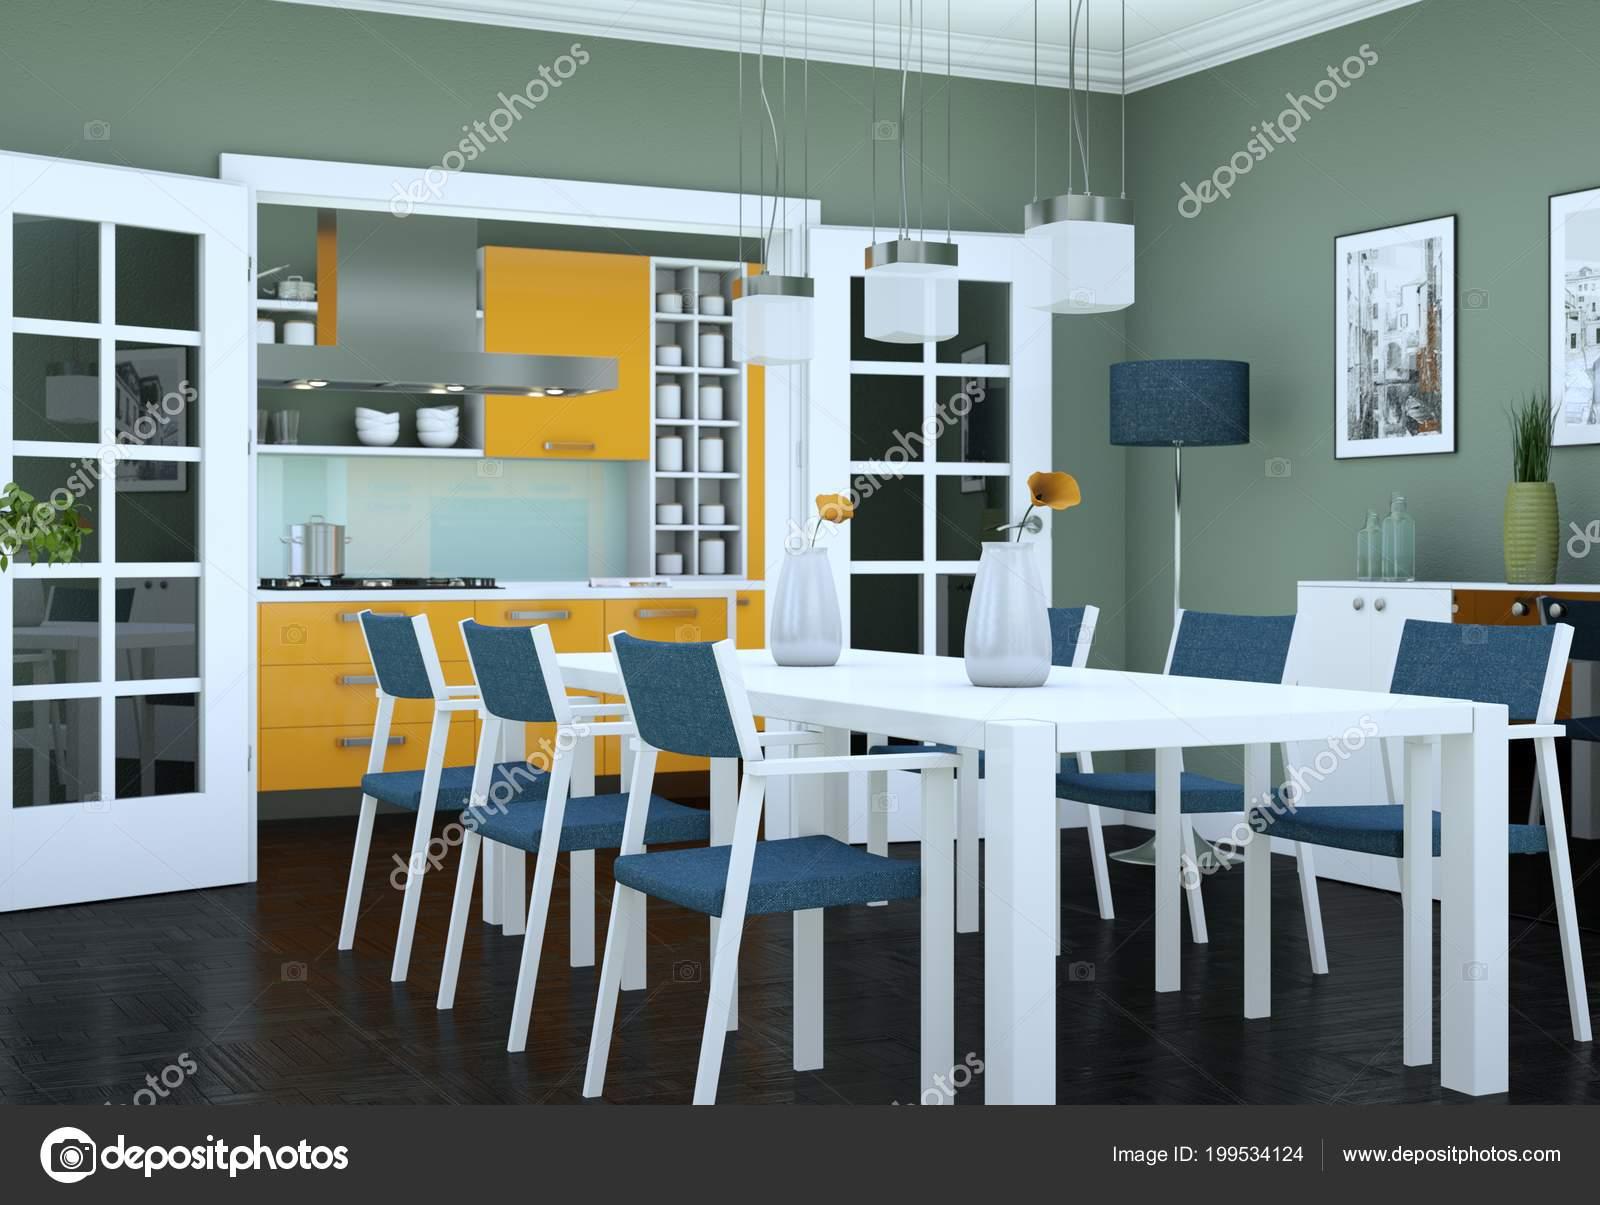 Salle Manger Design Intérieur Appartement Moderne Illustration U2014 Photo